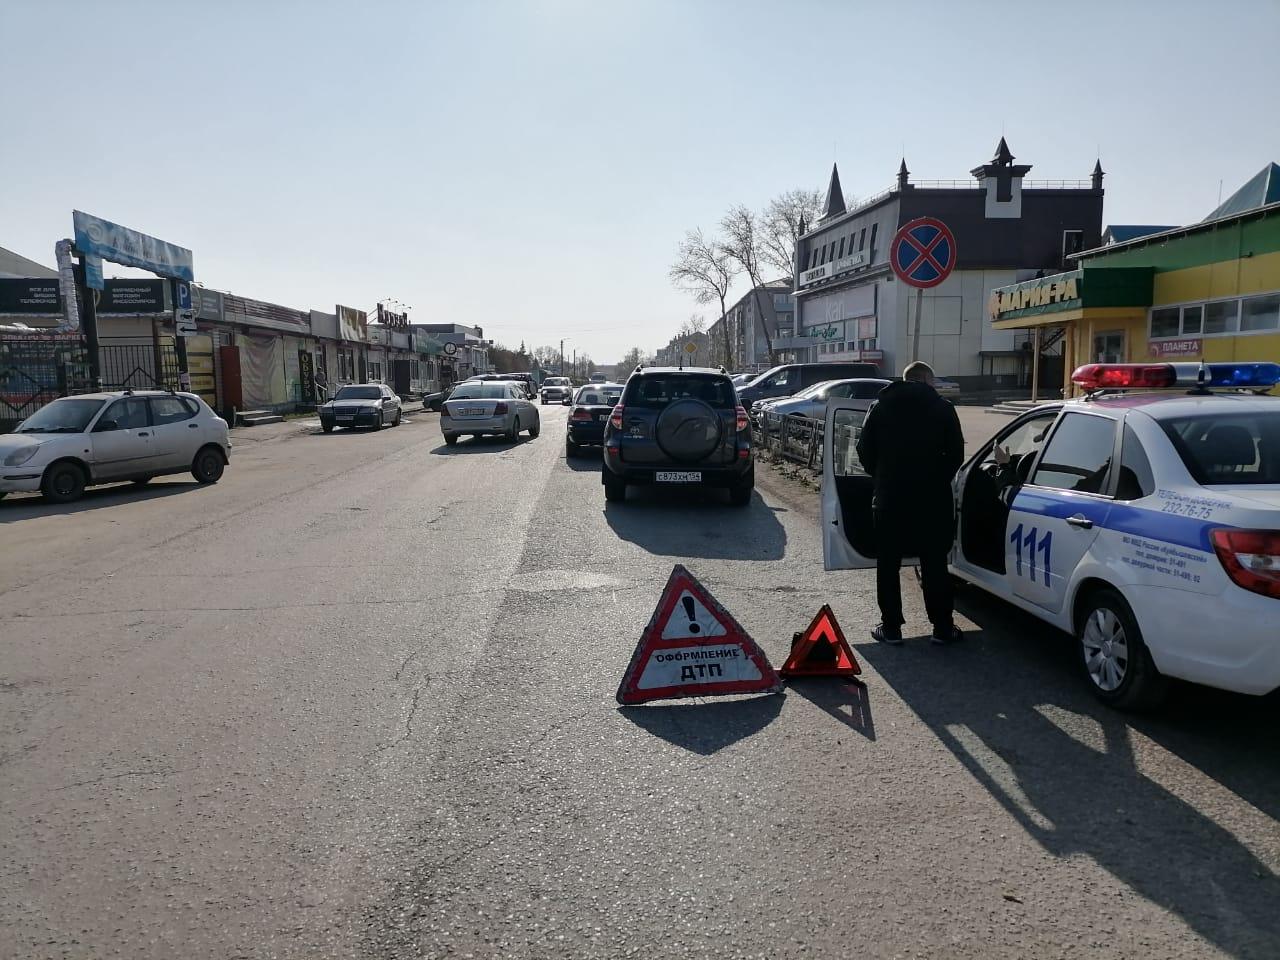 10 ДТП произошло в Куйбышевском районе с 29 сентября по 05